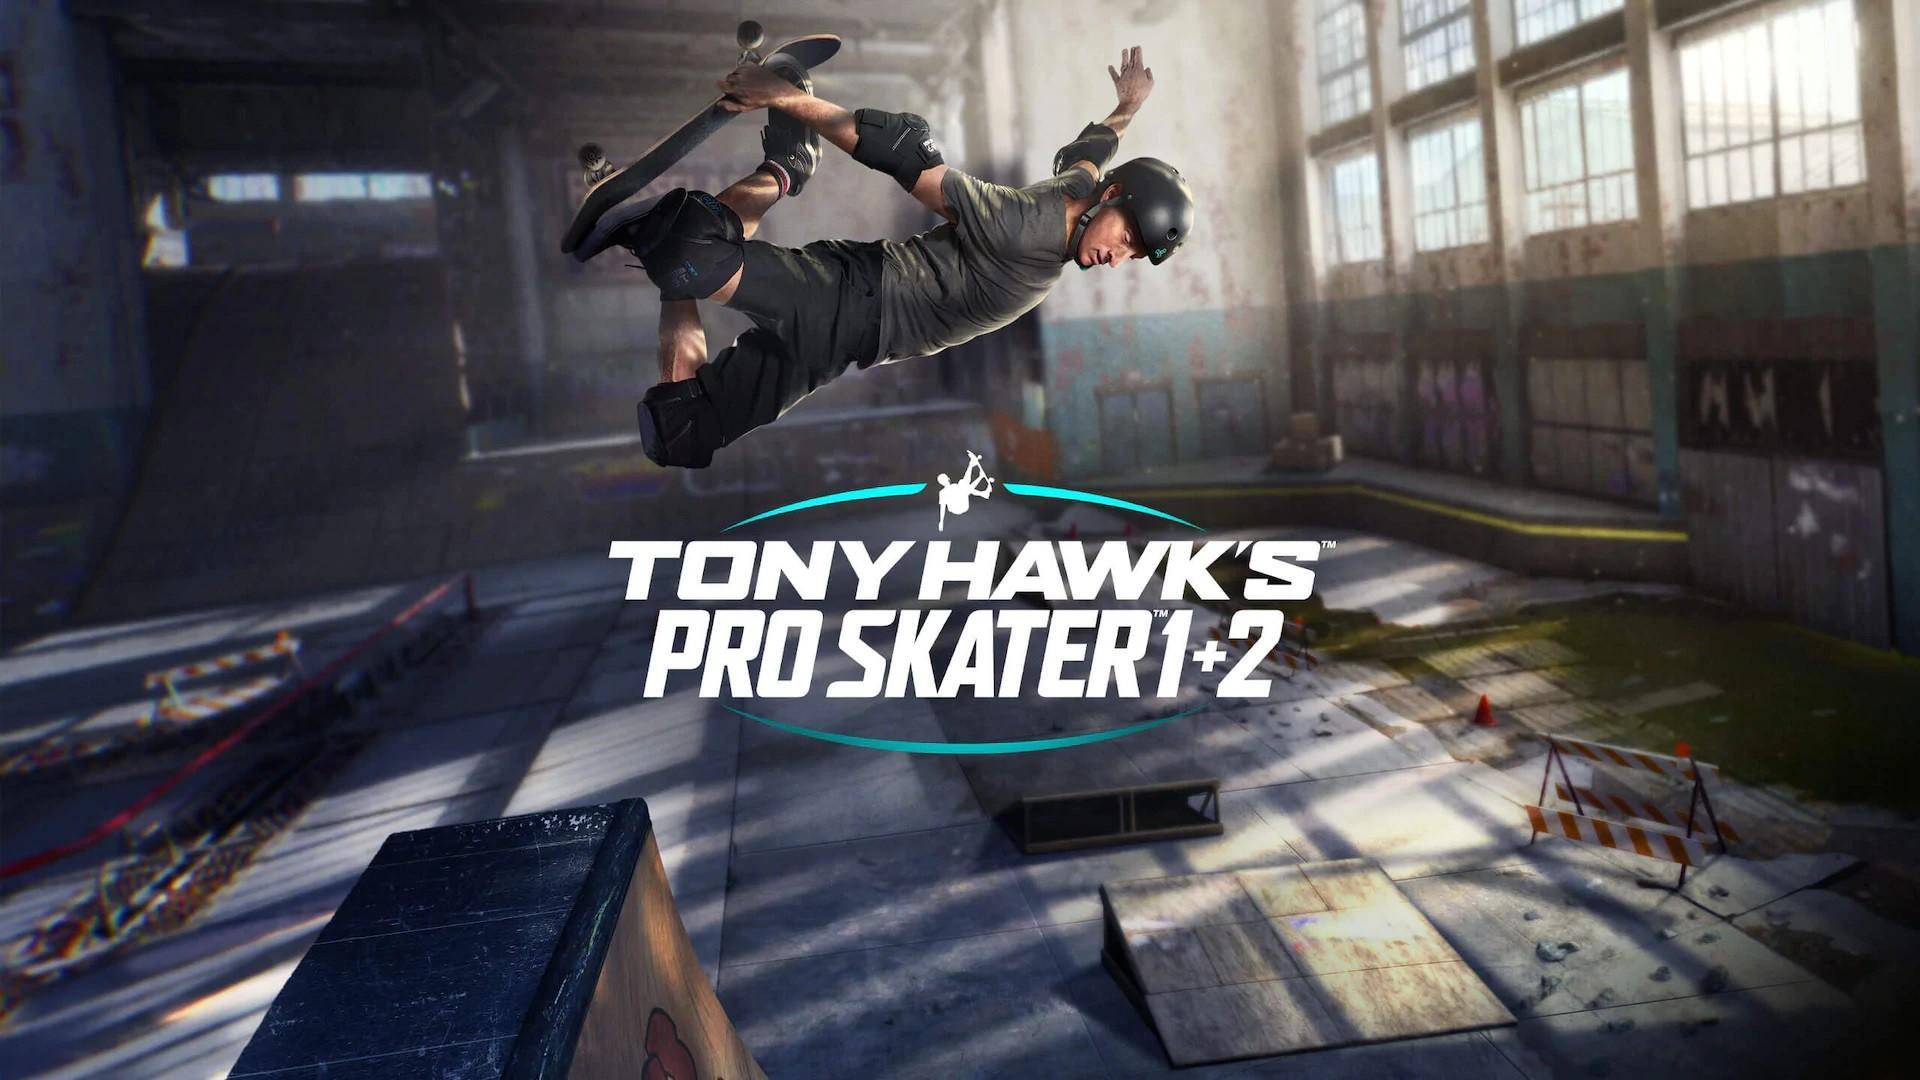 Tony Hawk's Pro Skater 1 + 2 выйдет для Nintendo Switch - 25 июня 2